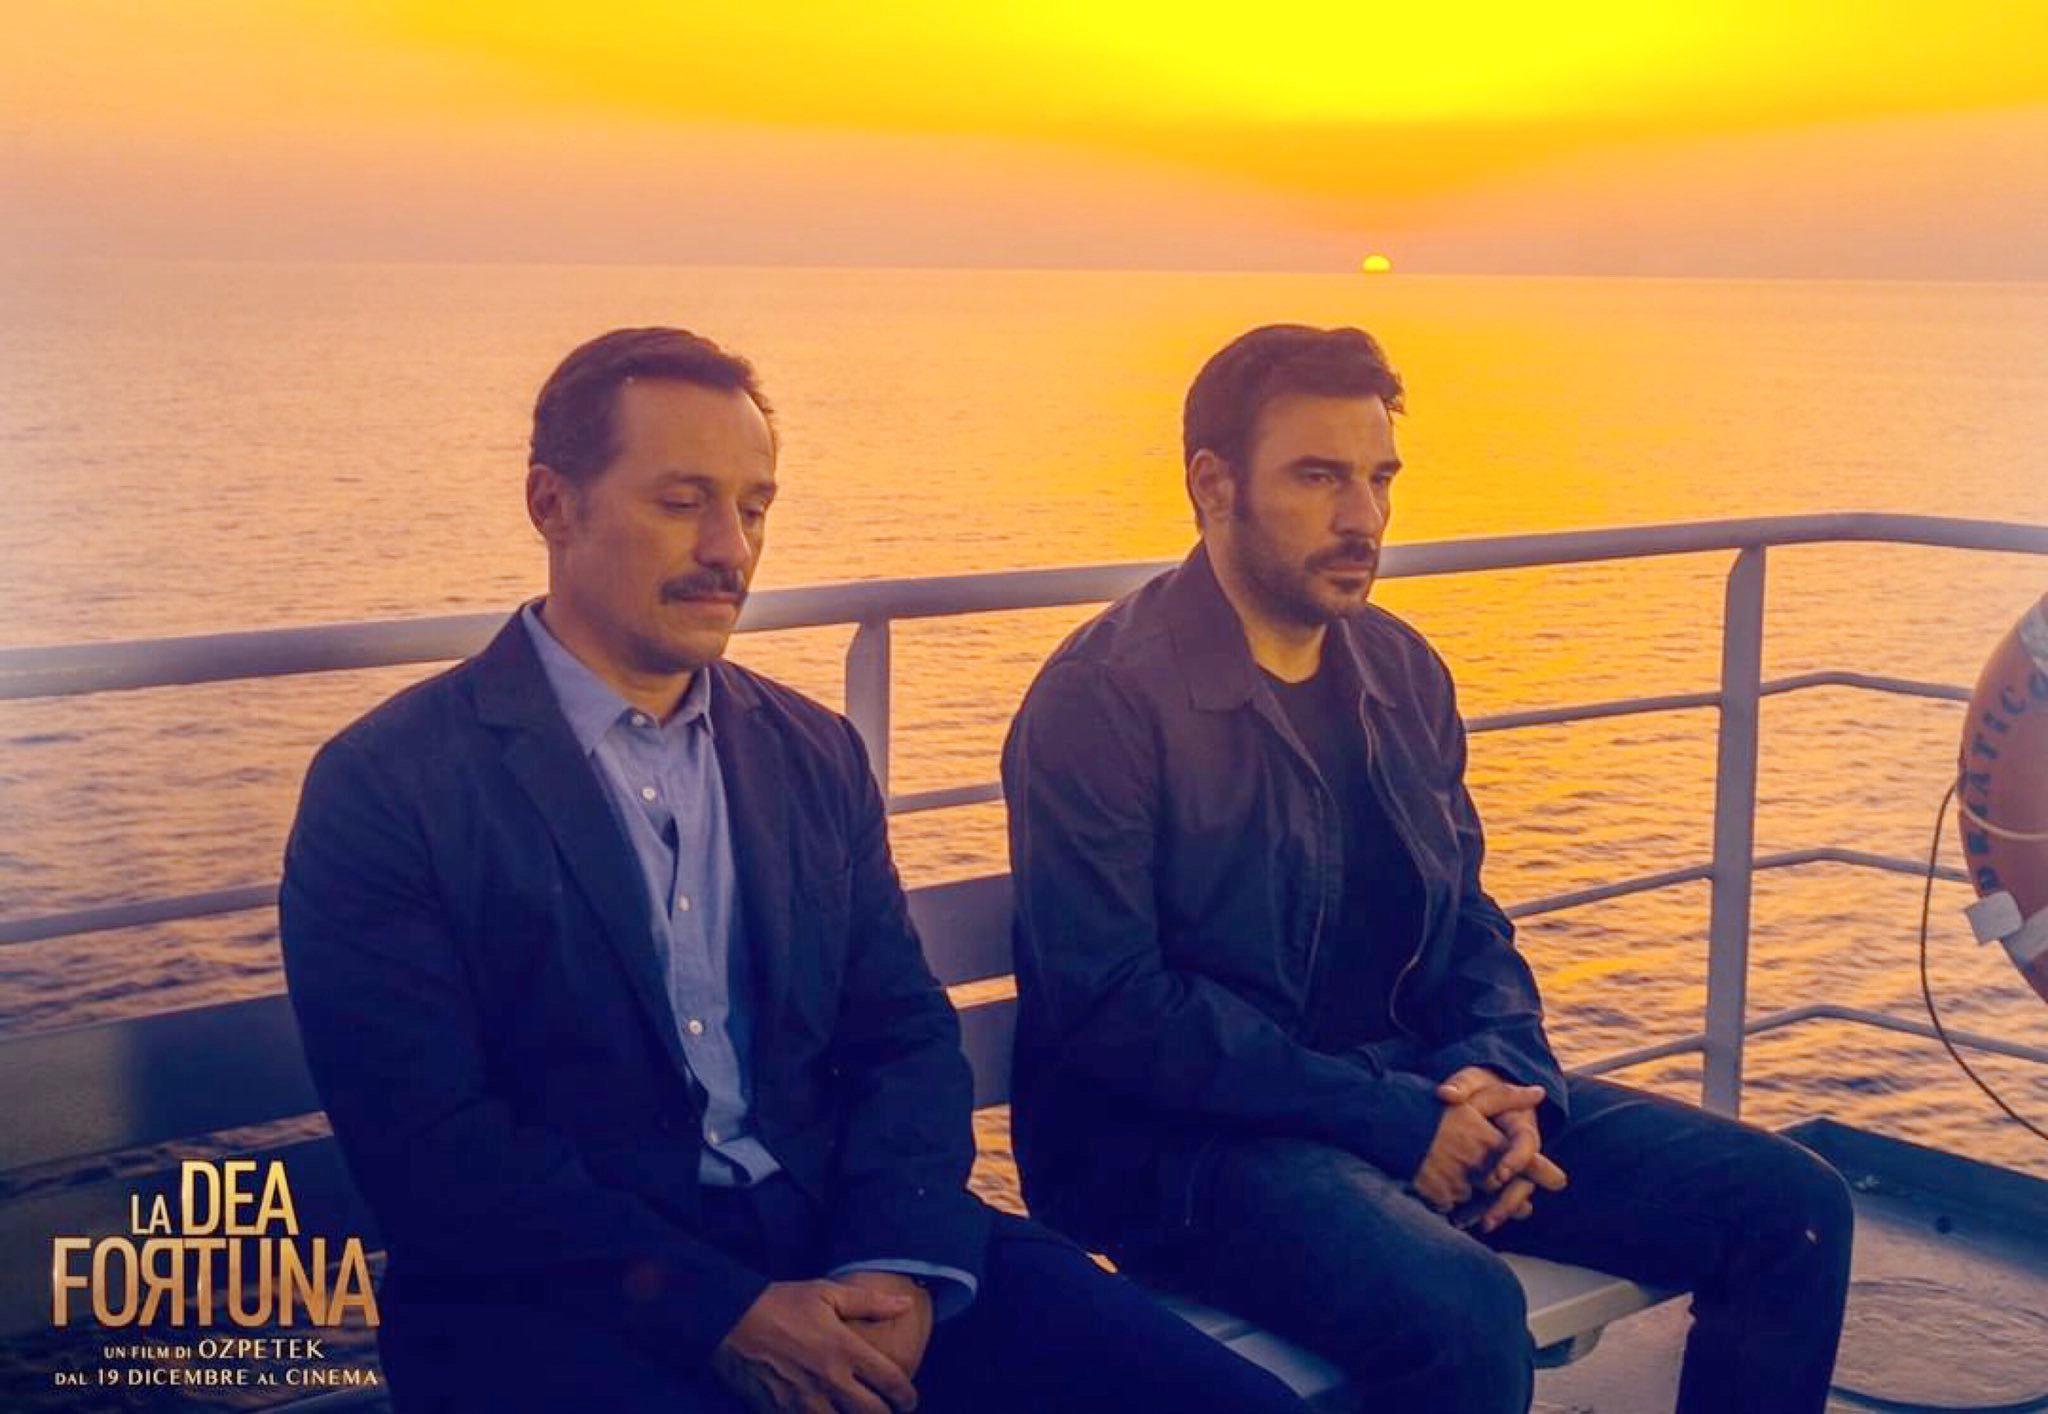 史蒂芬努阿科西與艾多阿爾多里奧,兩人在《幸運女神》在黃昏暮色中的一席對話深植人心